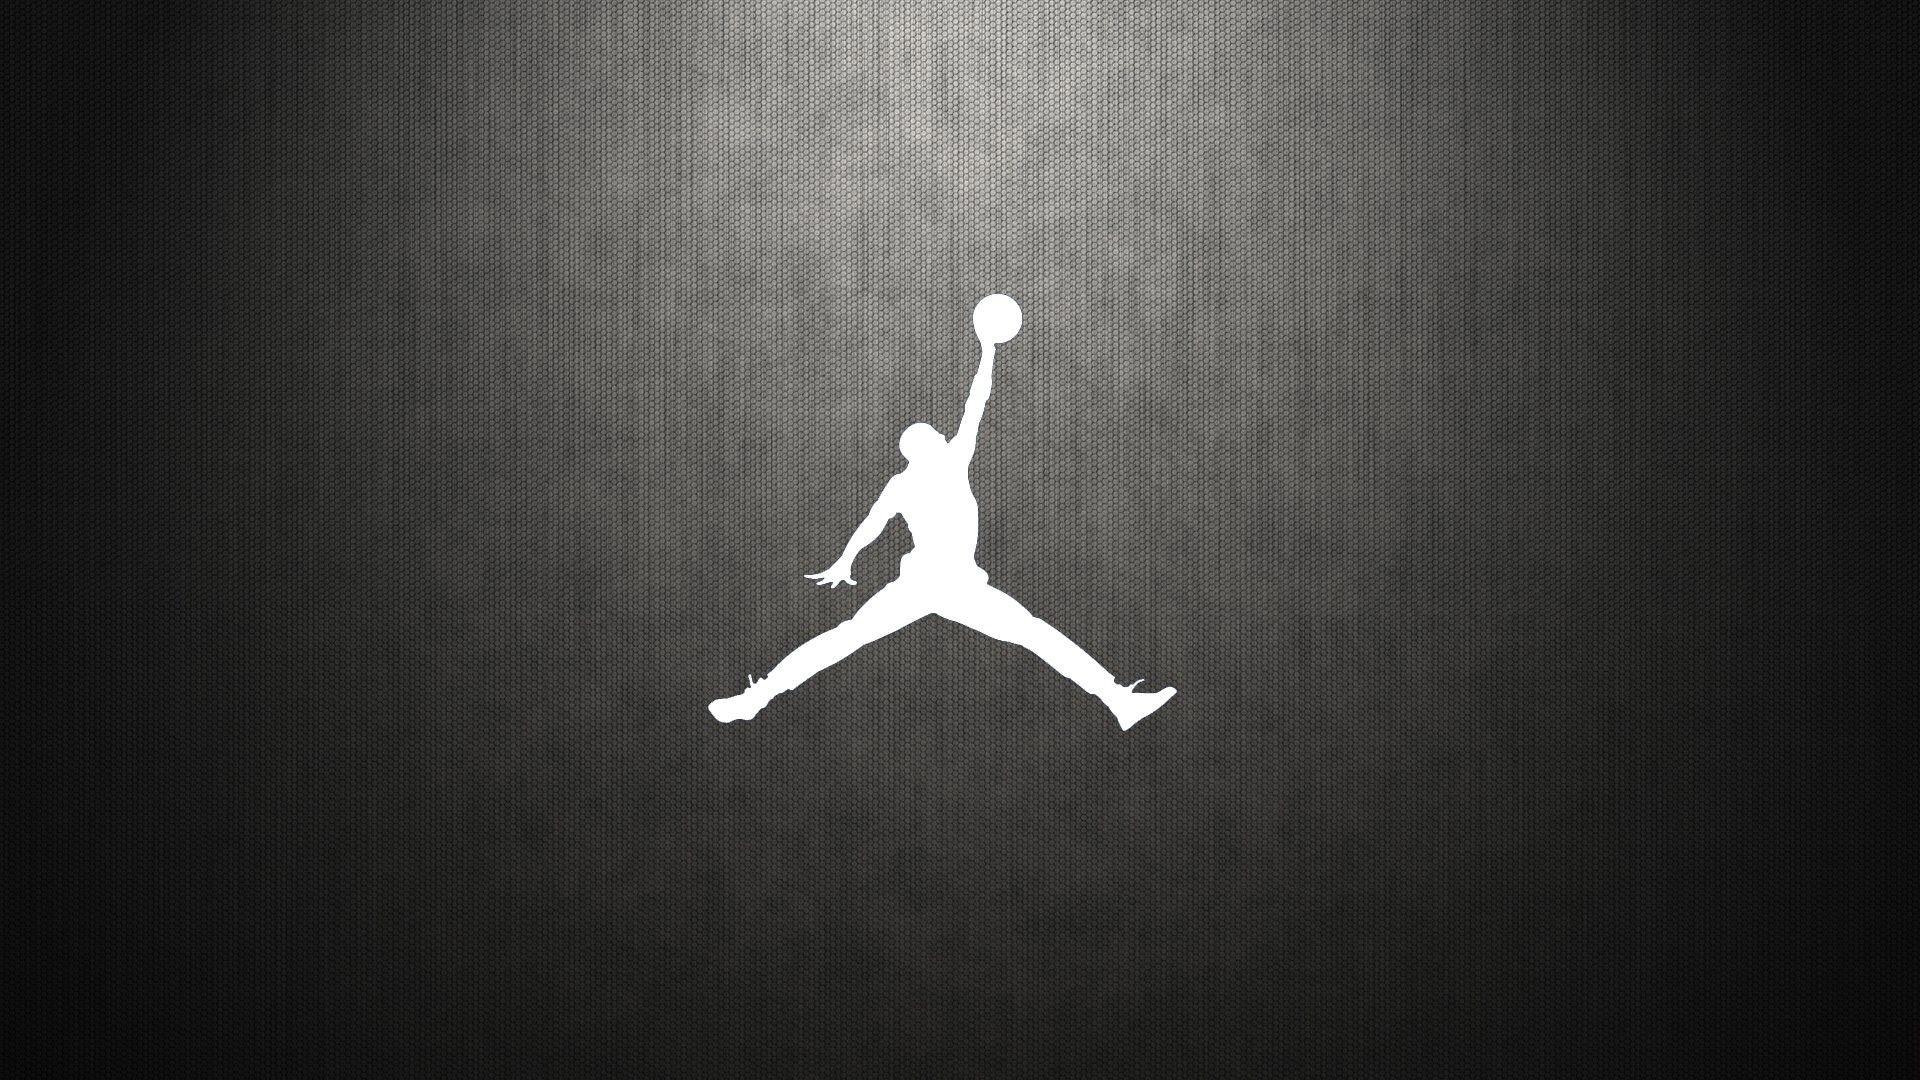 Michael Jordan Wings Wallpaper 61 pictures